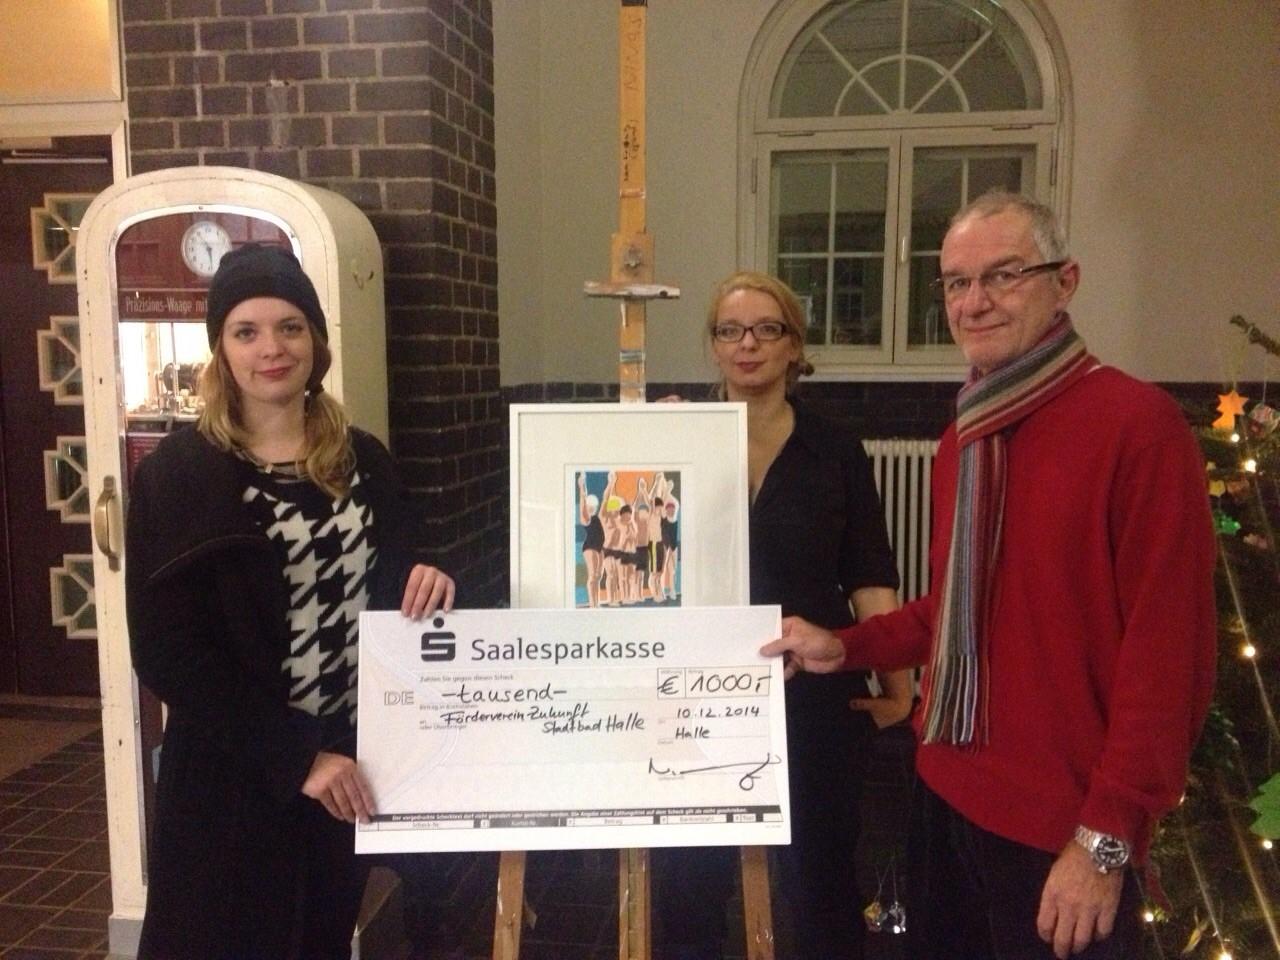 Die Künstlerin Nina Hannah Kornatz bei der Scheckübergabe an den Vorstand des Fördervereins Zukunft Stadtbad Halle e.V. am 10. Dezember 2014